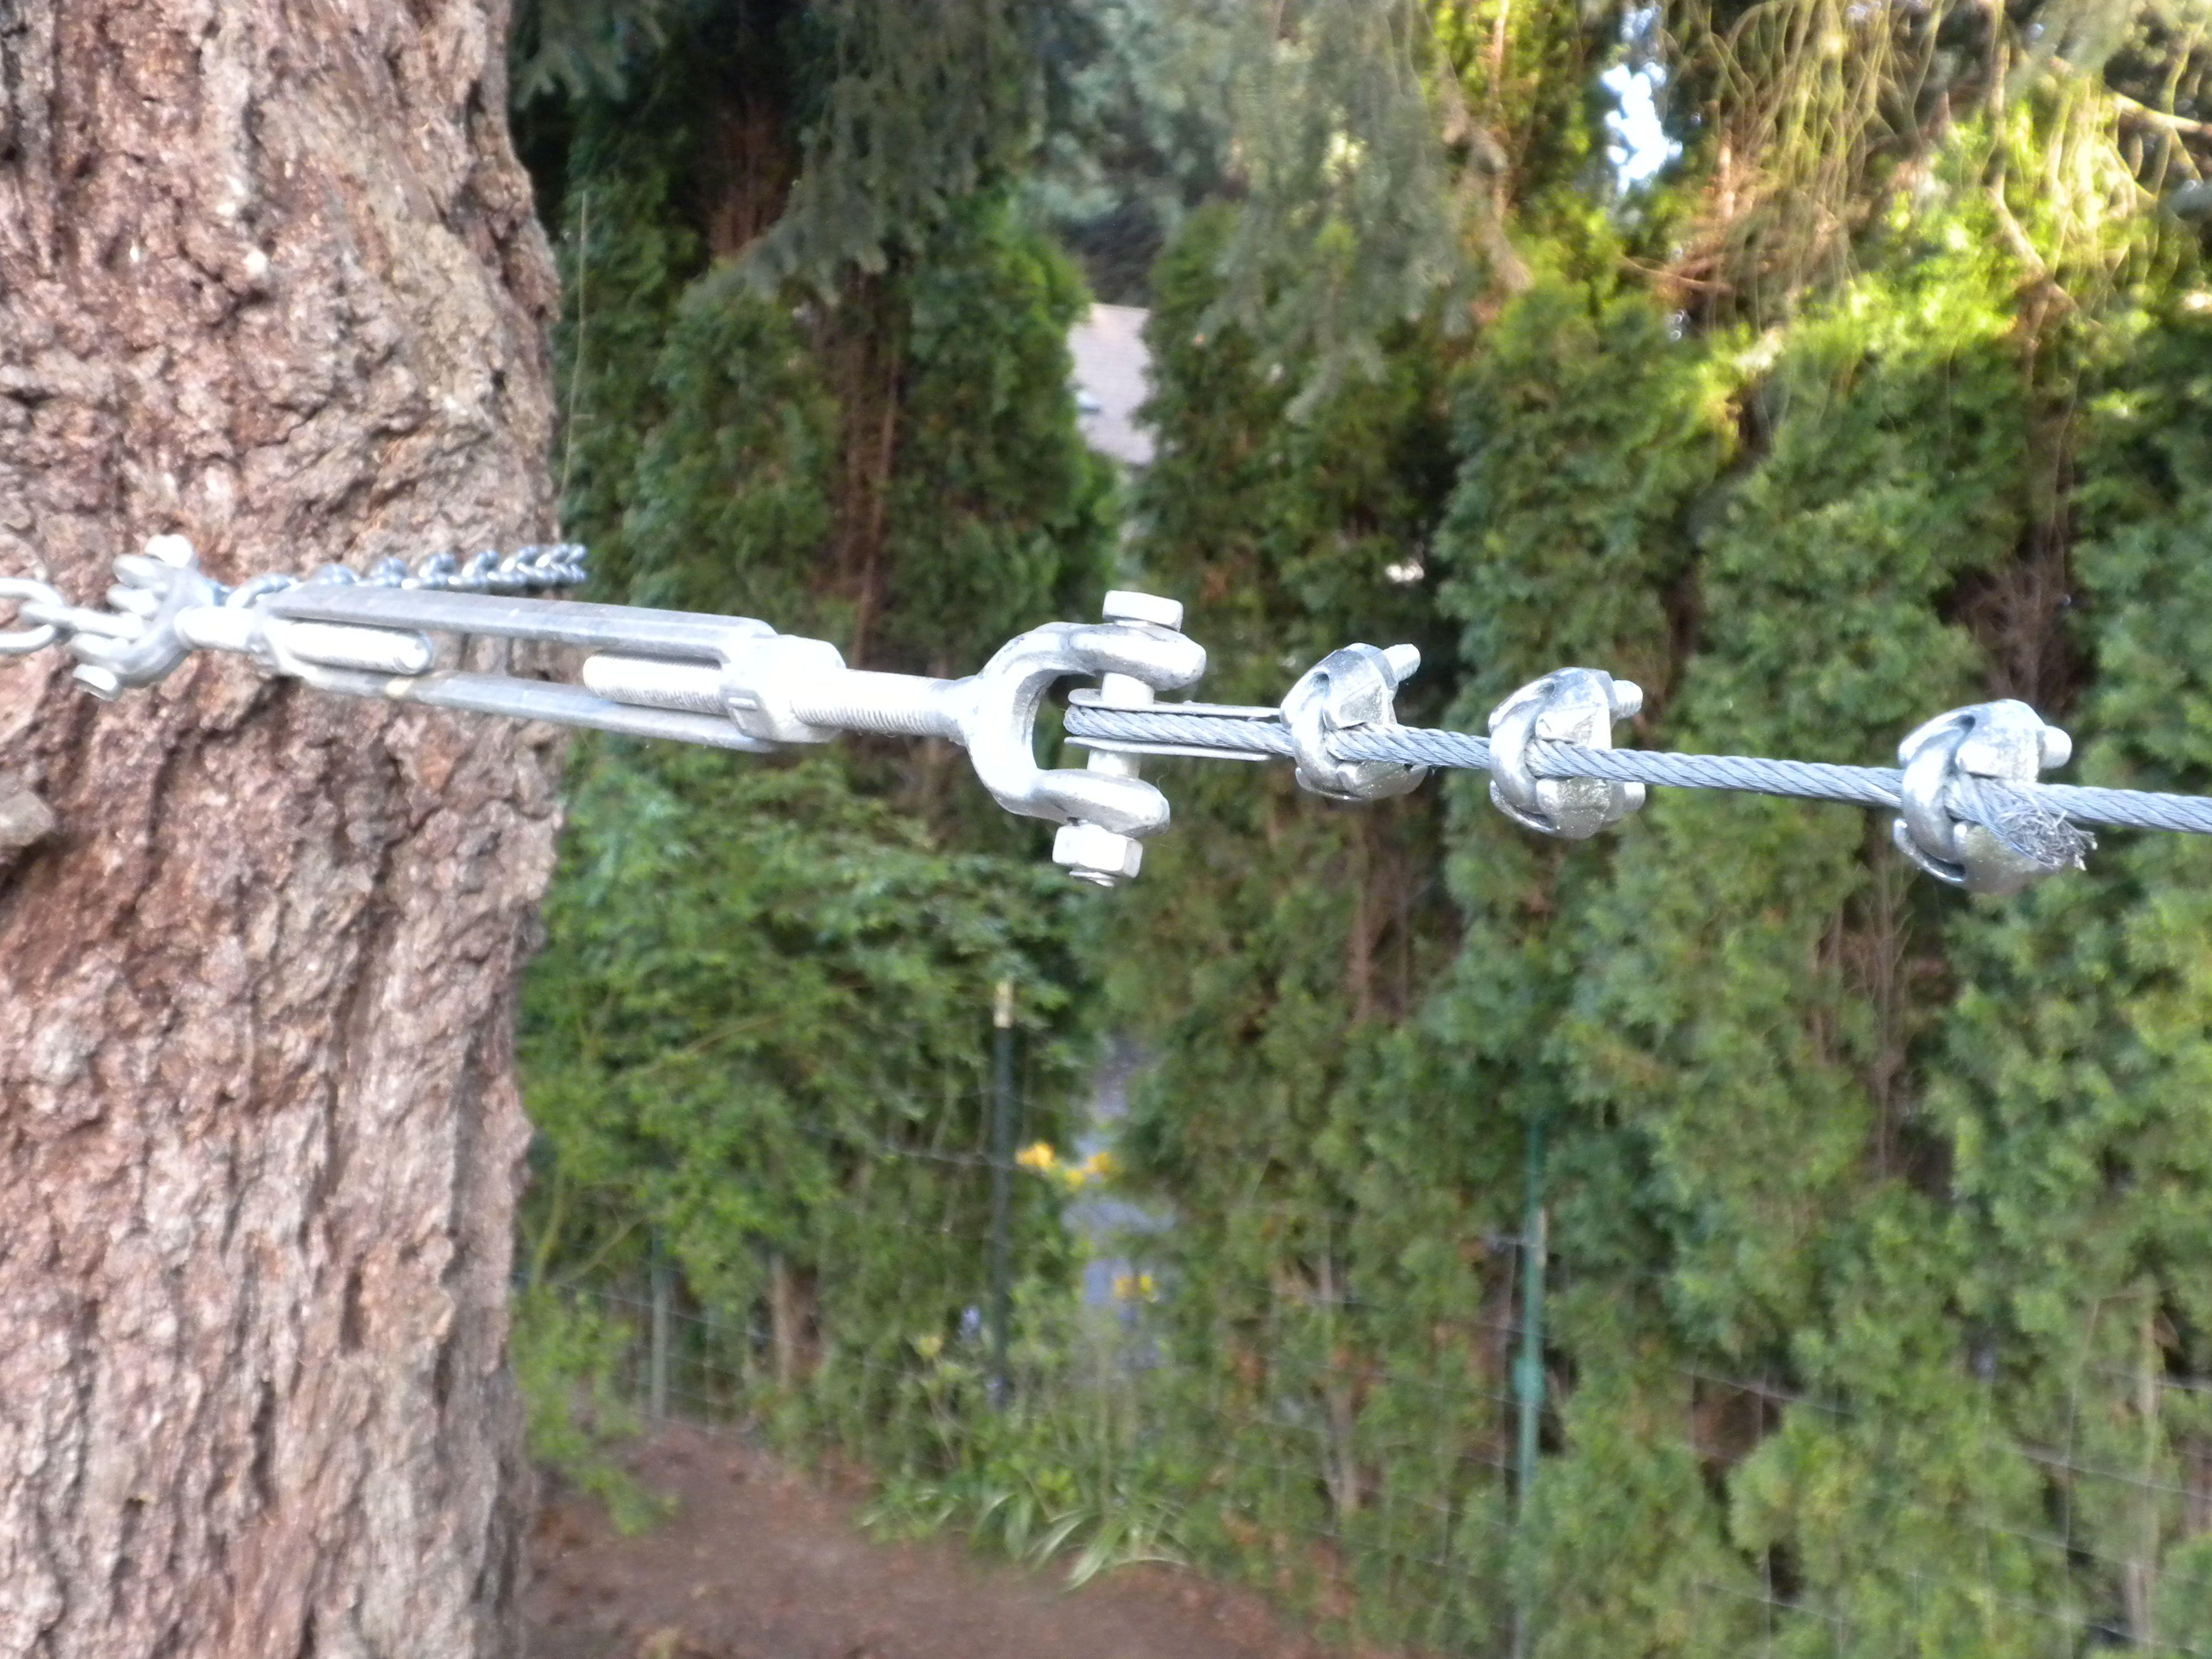 How to build your own backyard zipline | Zip line backyard ...